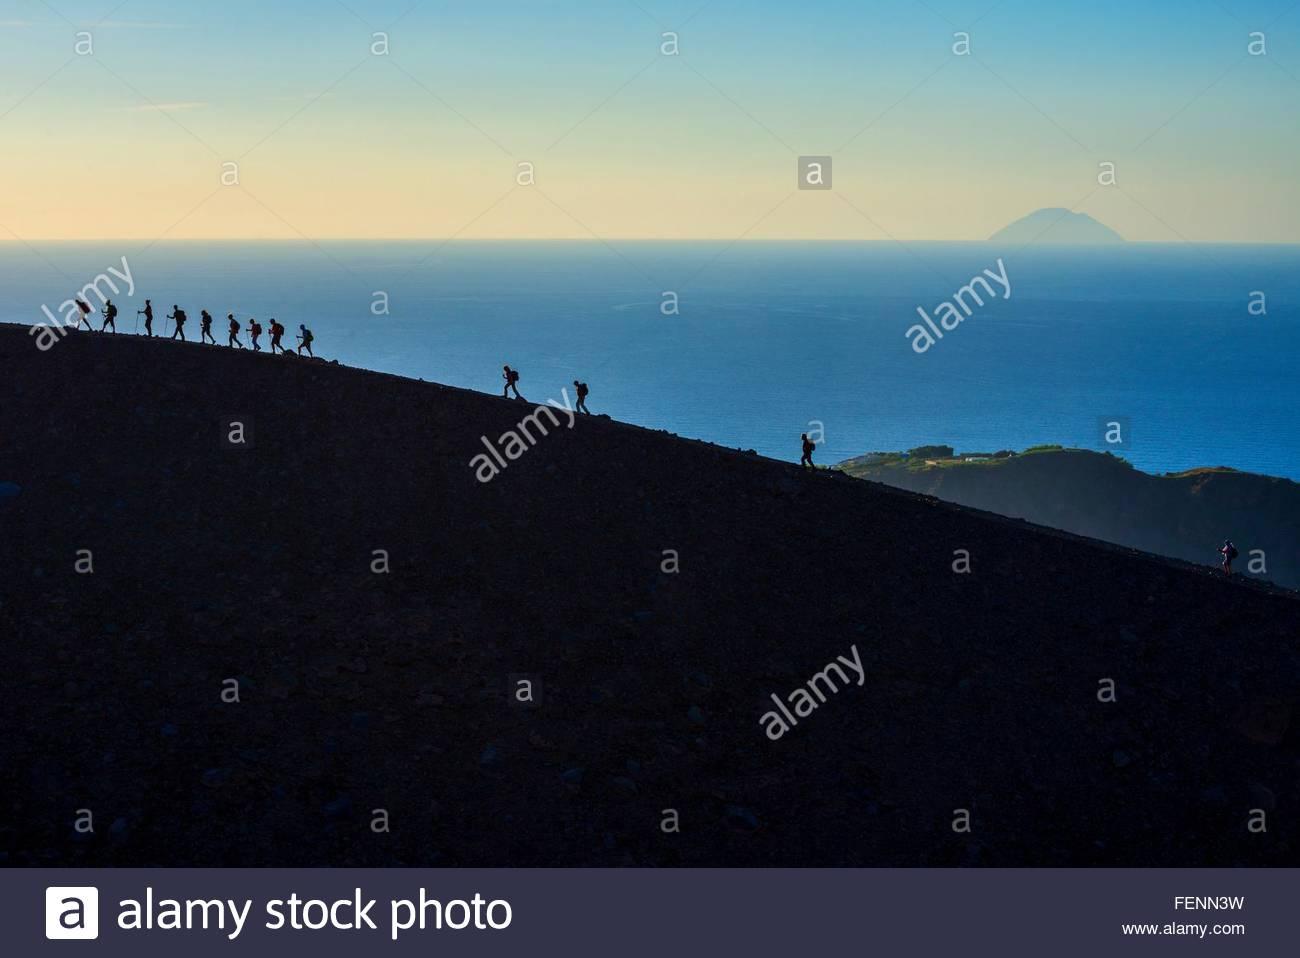 Grande gruppo di stagliano i turisti a piedi rim al Gran Cratere, isola di Vulcano, Isole Eolie, in Sicilia, Italia Immagini Stock